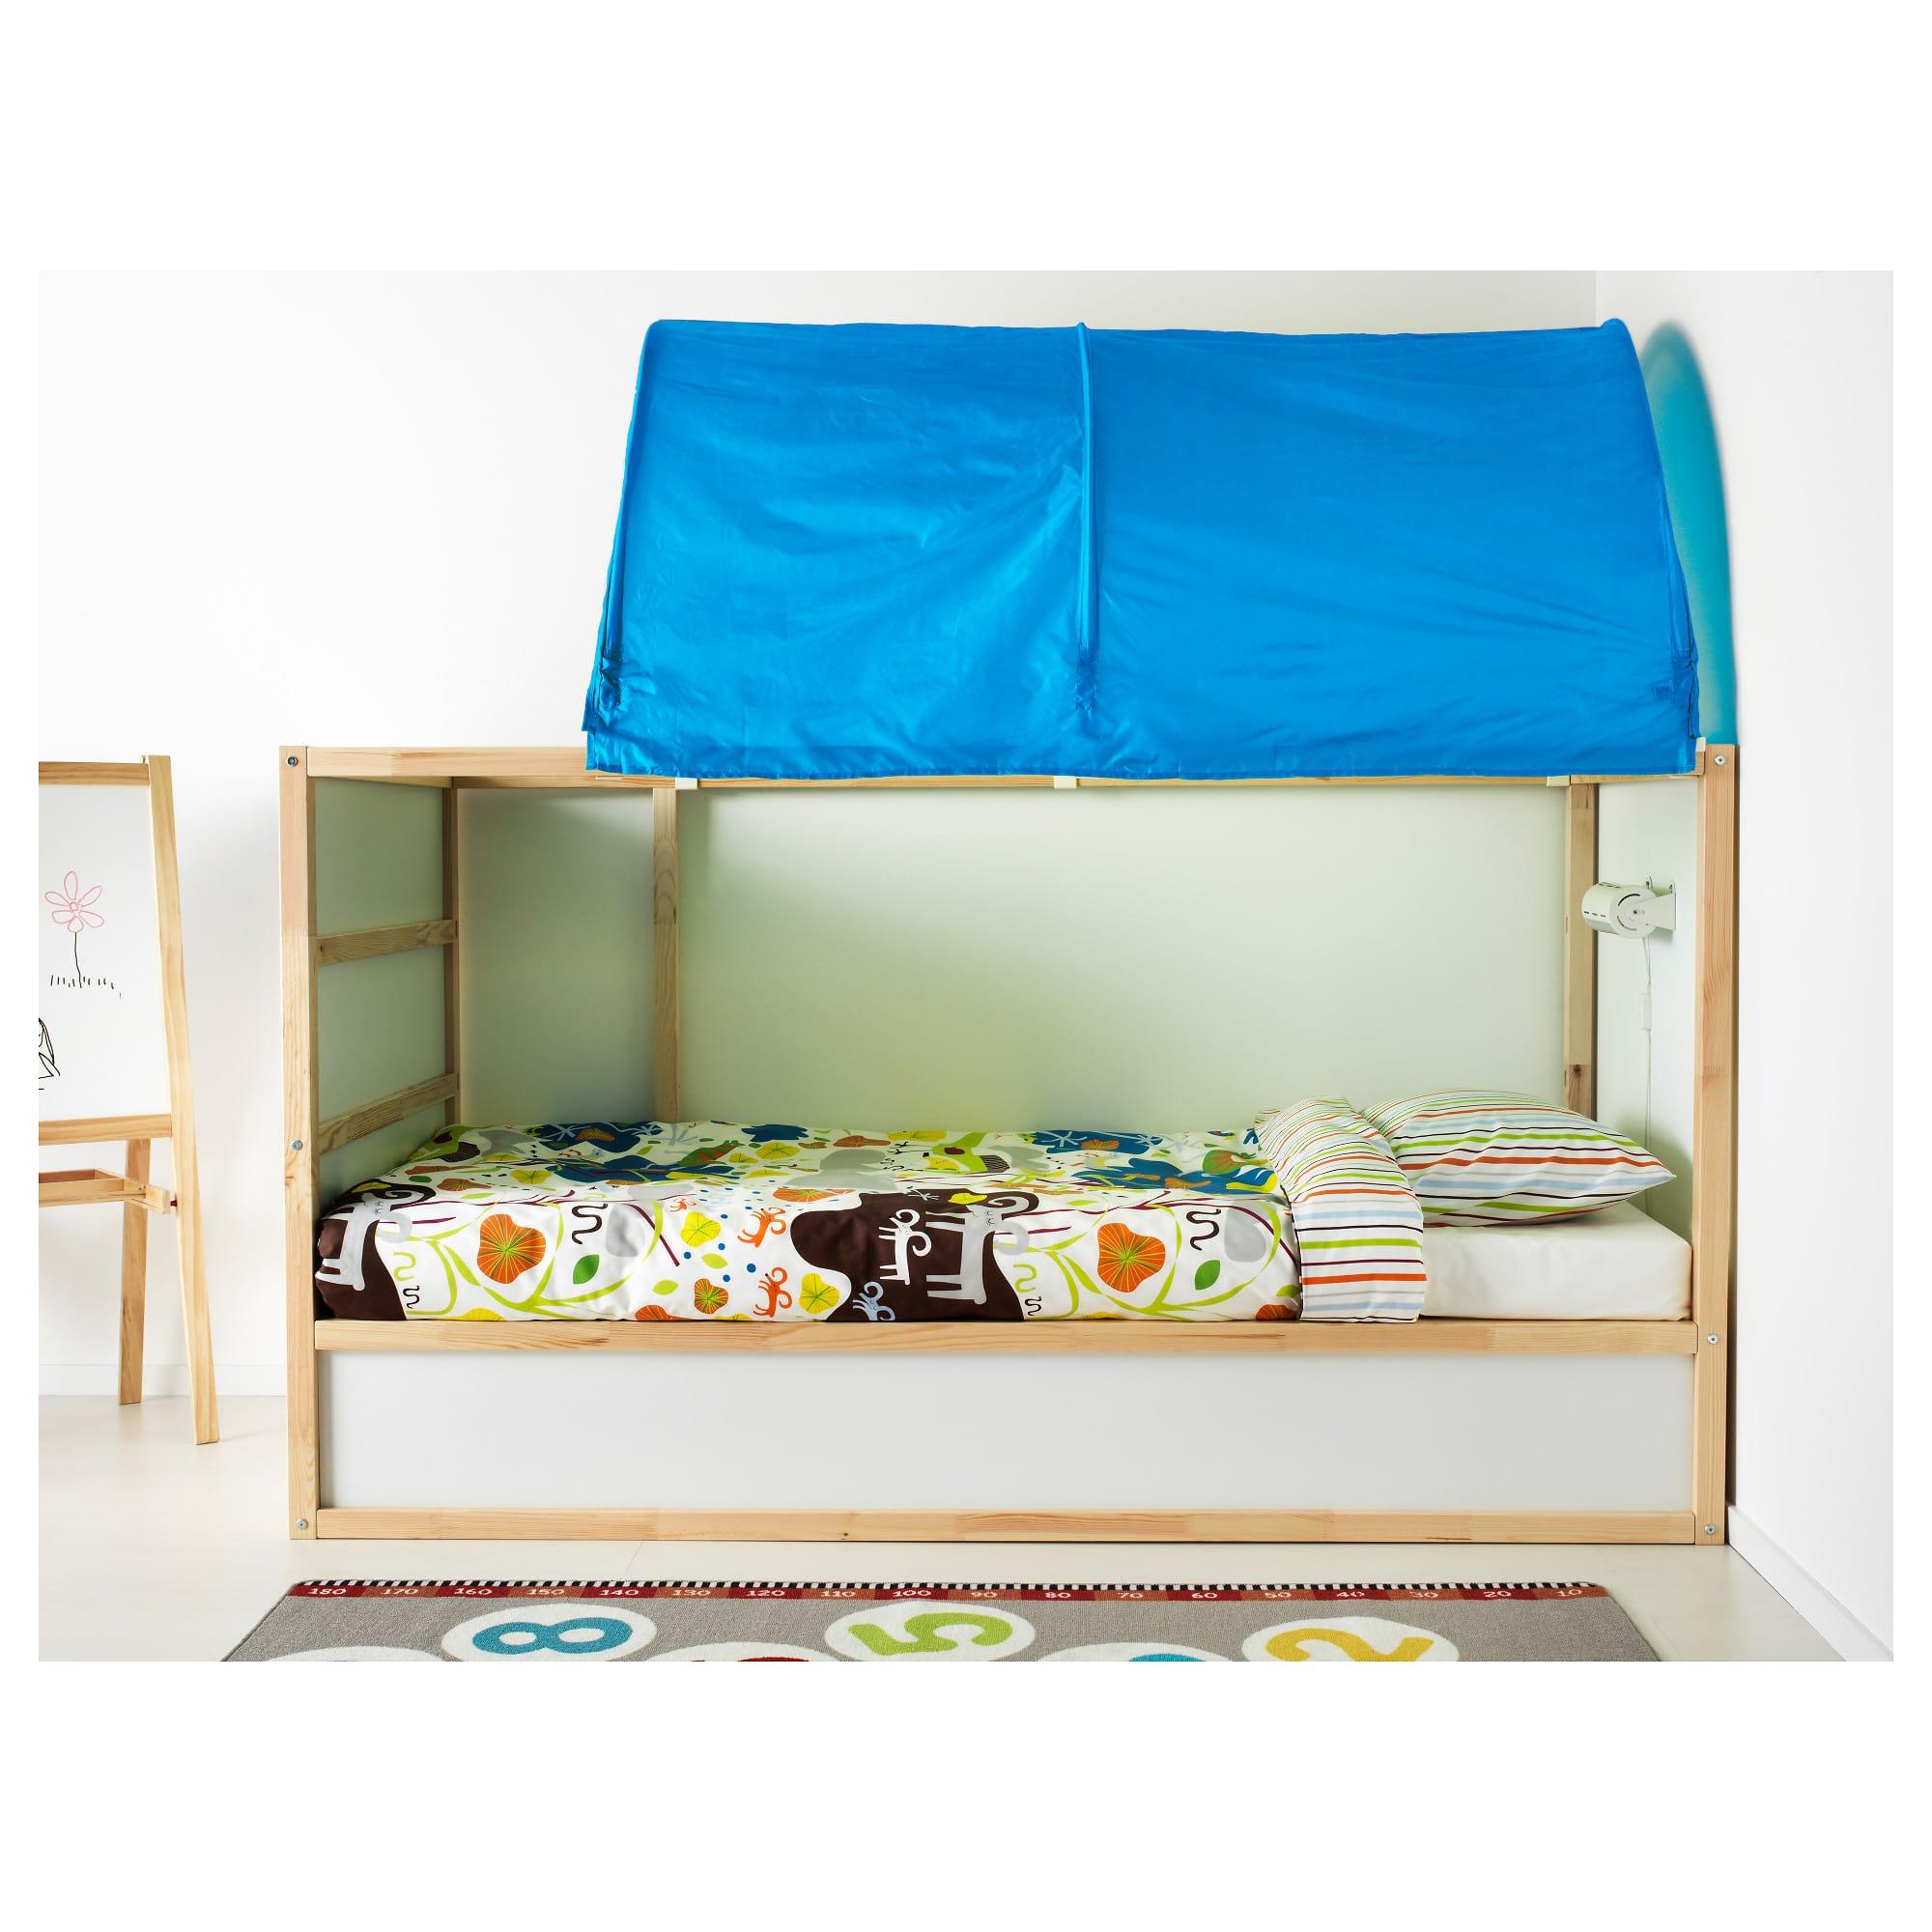 lit enfant ikea. Black Bedroom Furniture Sets. Home Design Ideas